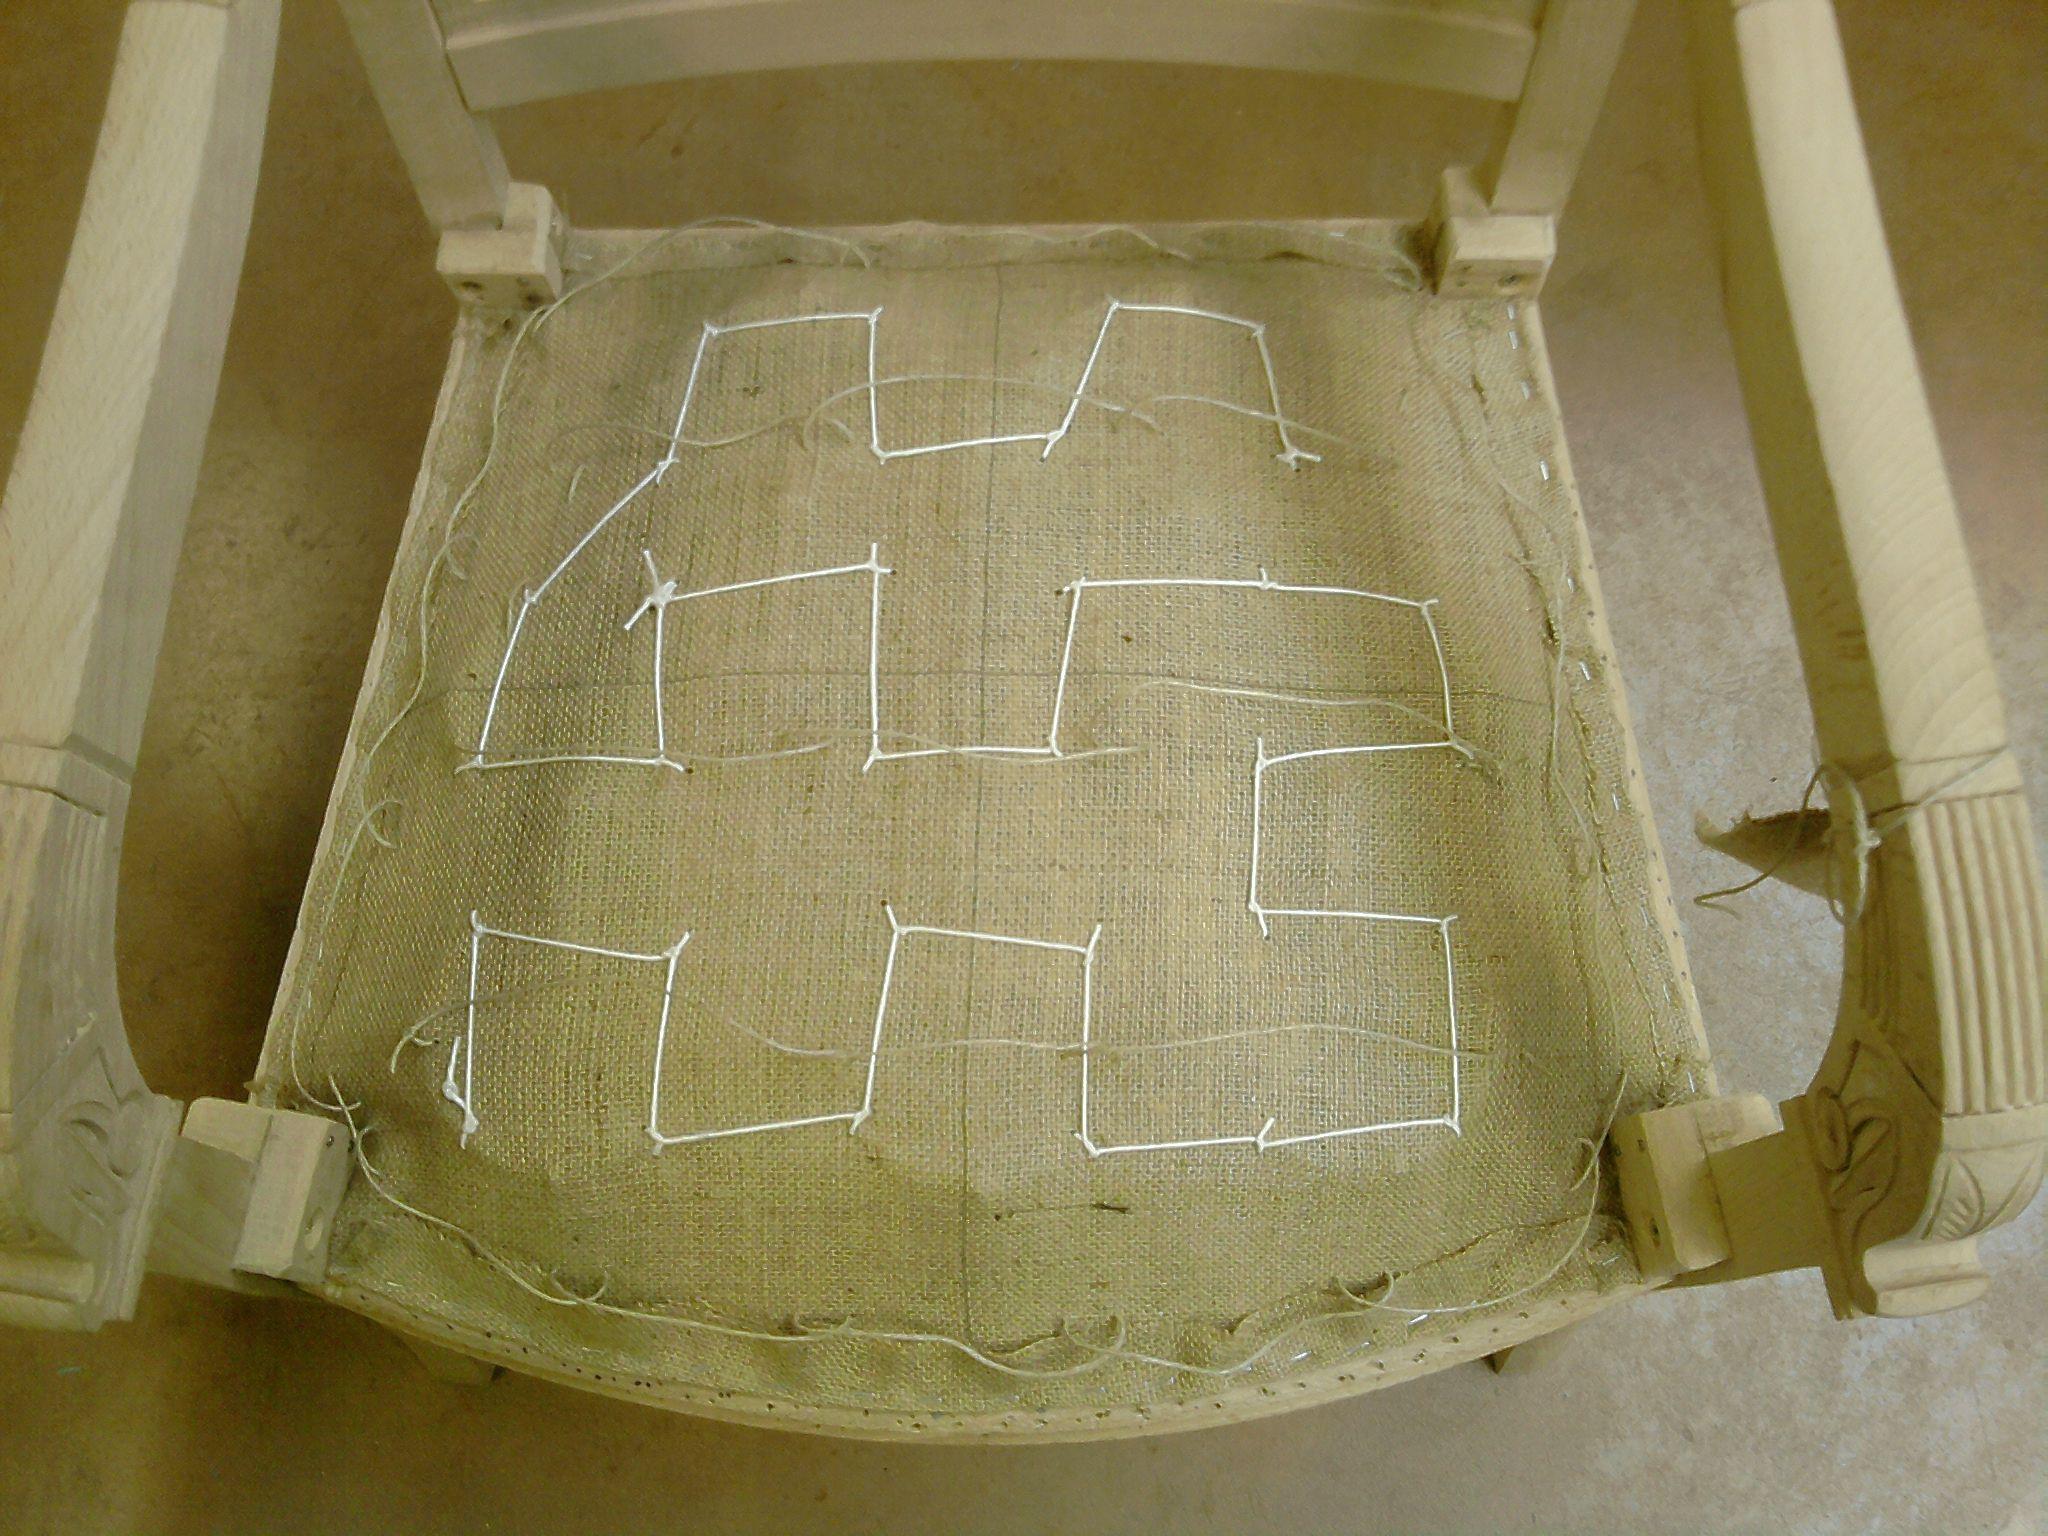 Comment Renover Un Tonneau Épinglé par roubergue sur rénover fauteuil | fauteuil empire